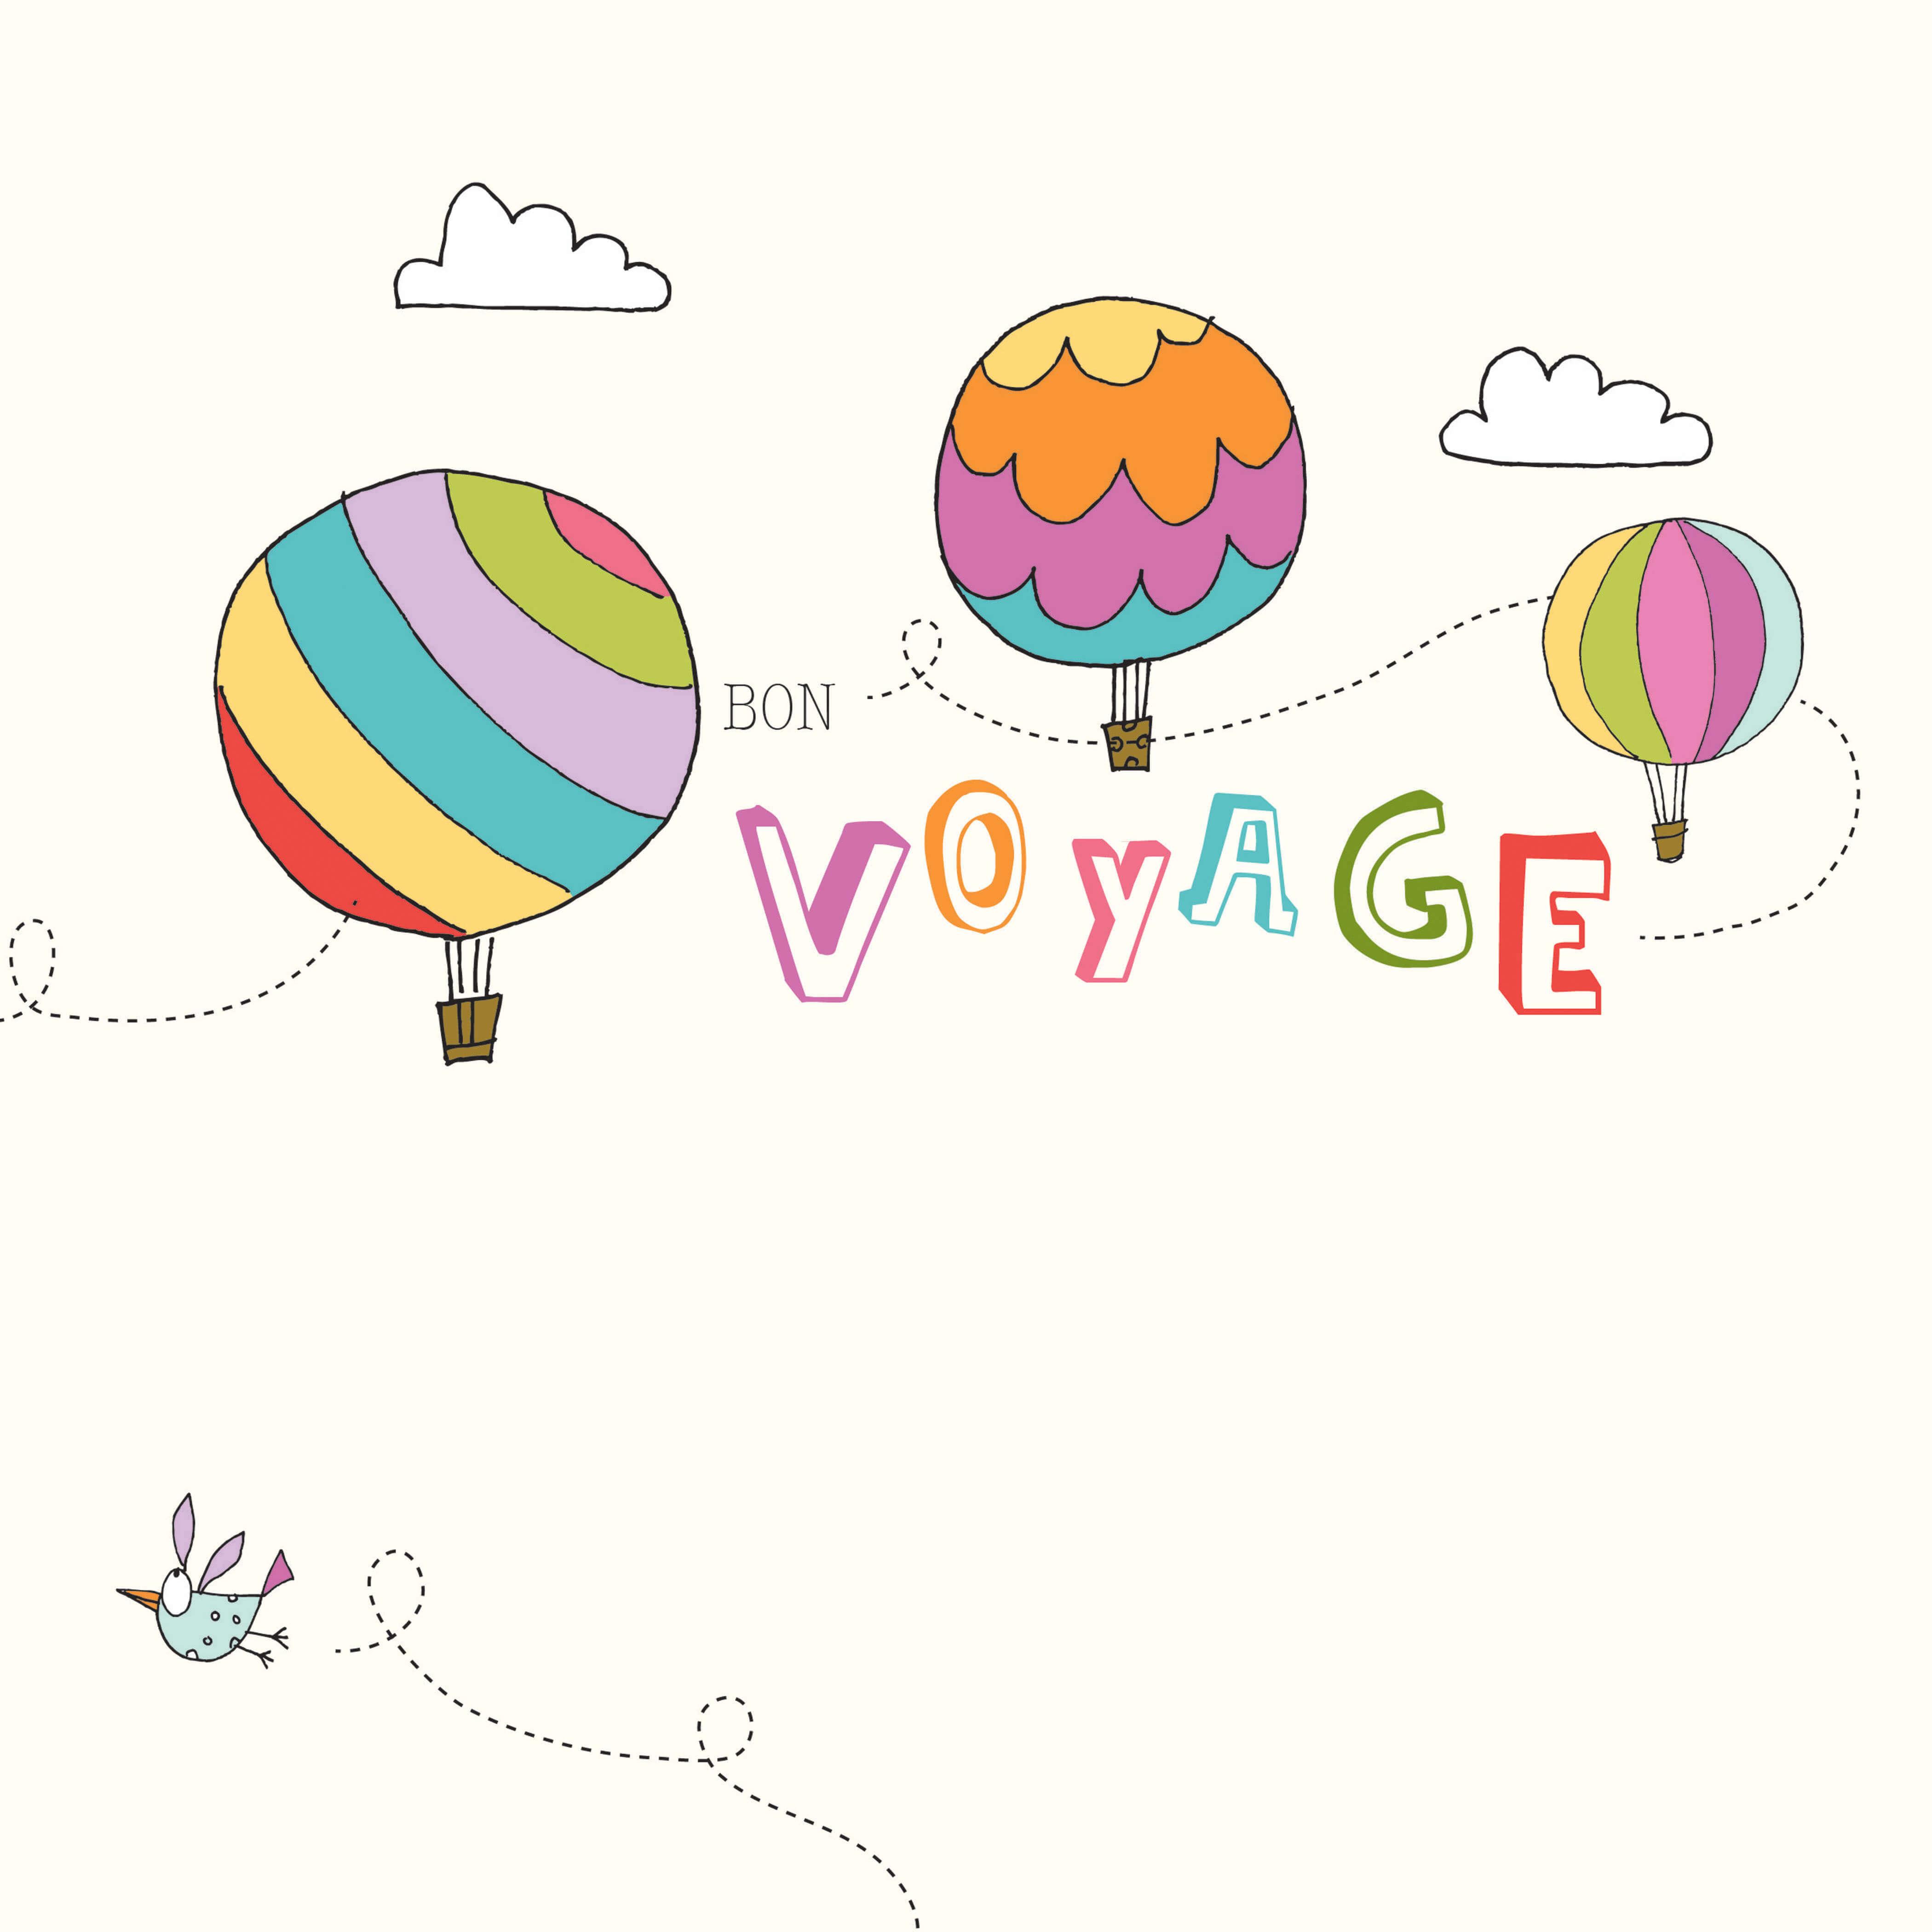 Free Printable Bon Voyage Cards | Mult Igry Regarding Bon Voyage Card Template